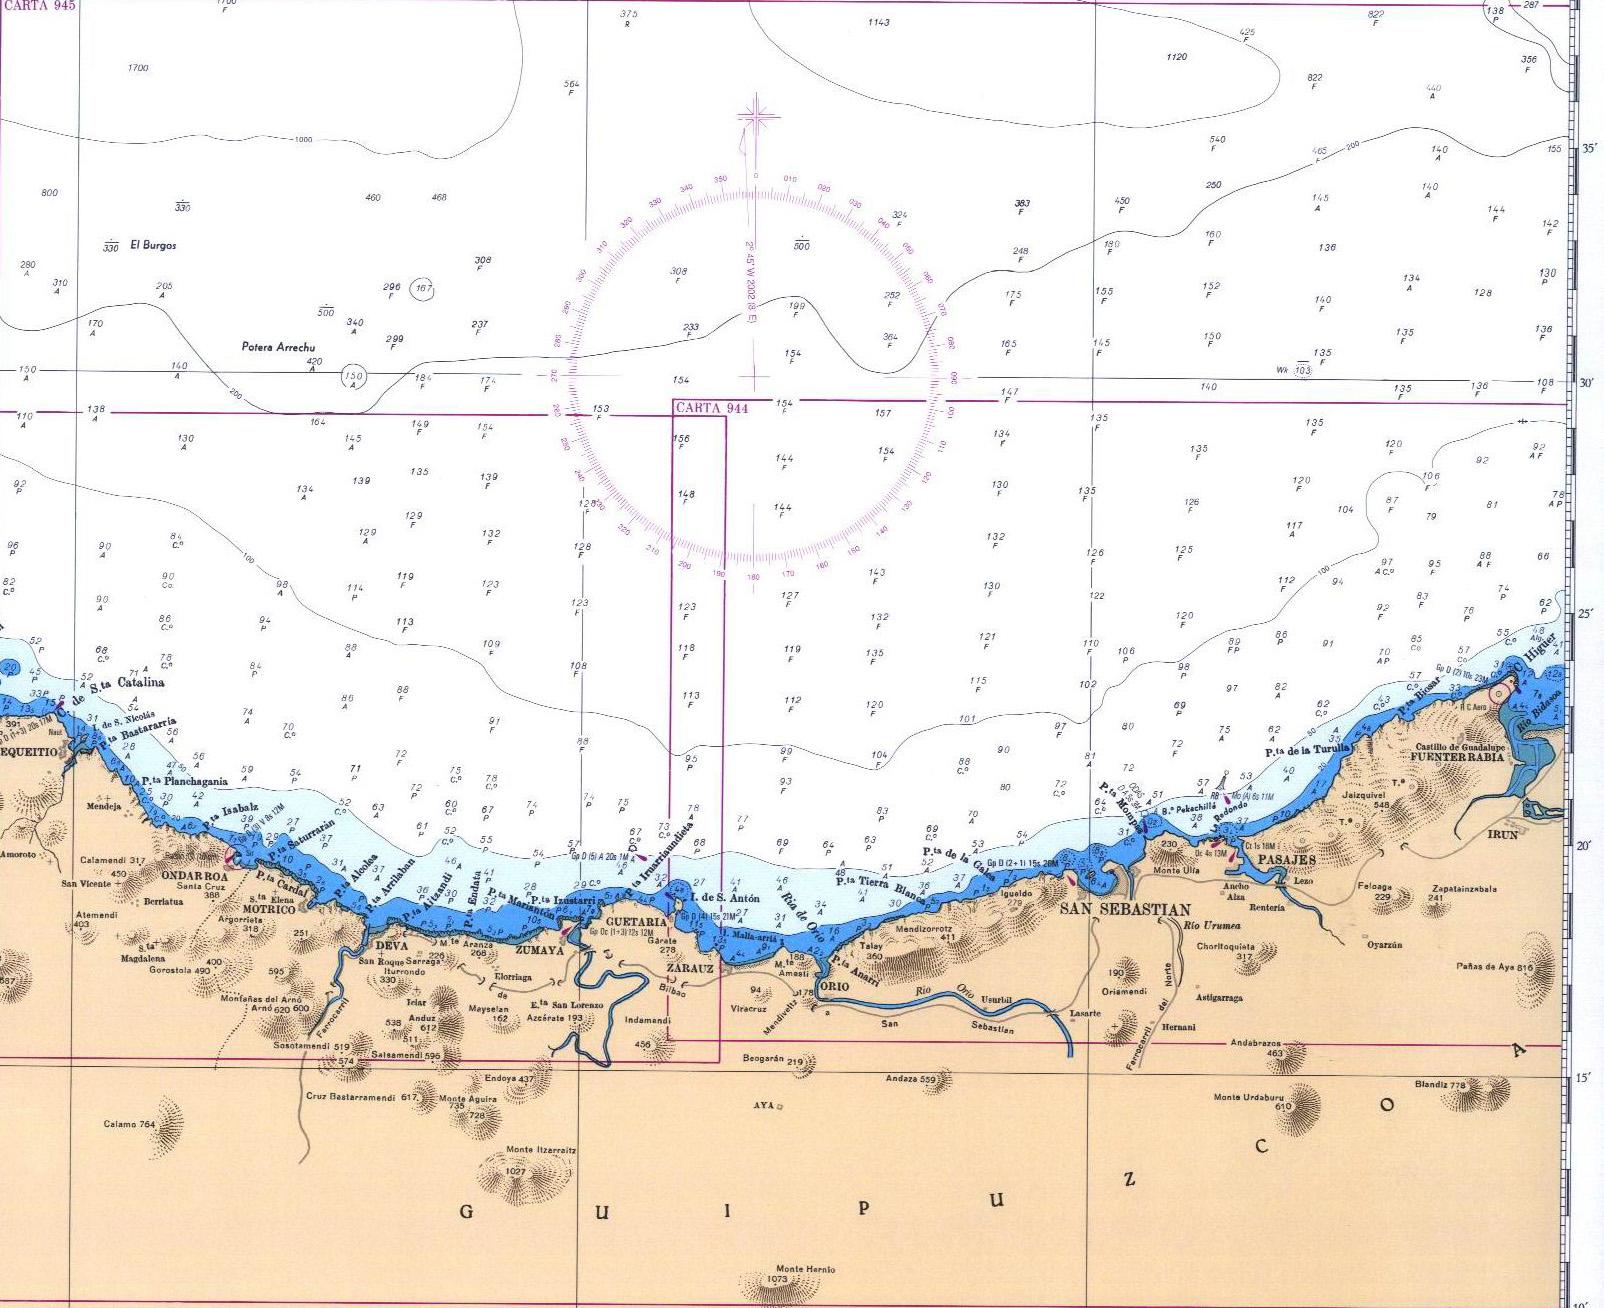 Navigation chart of Gipuzkoa